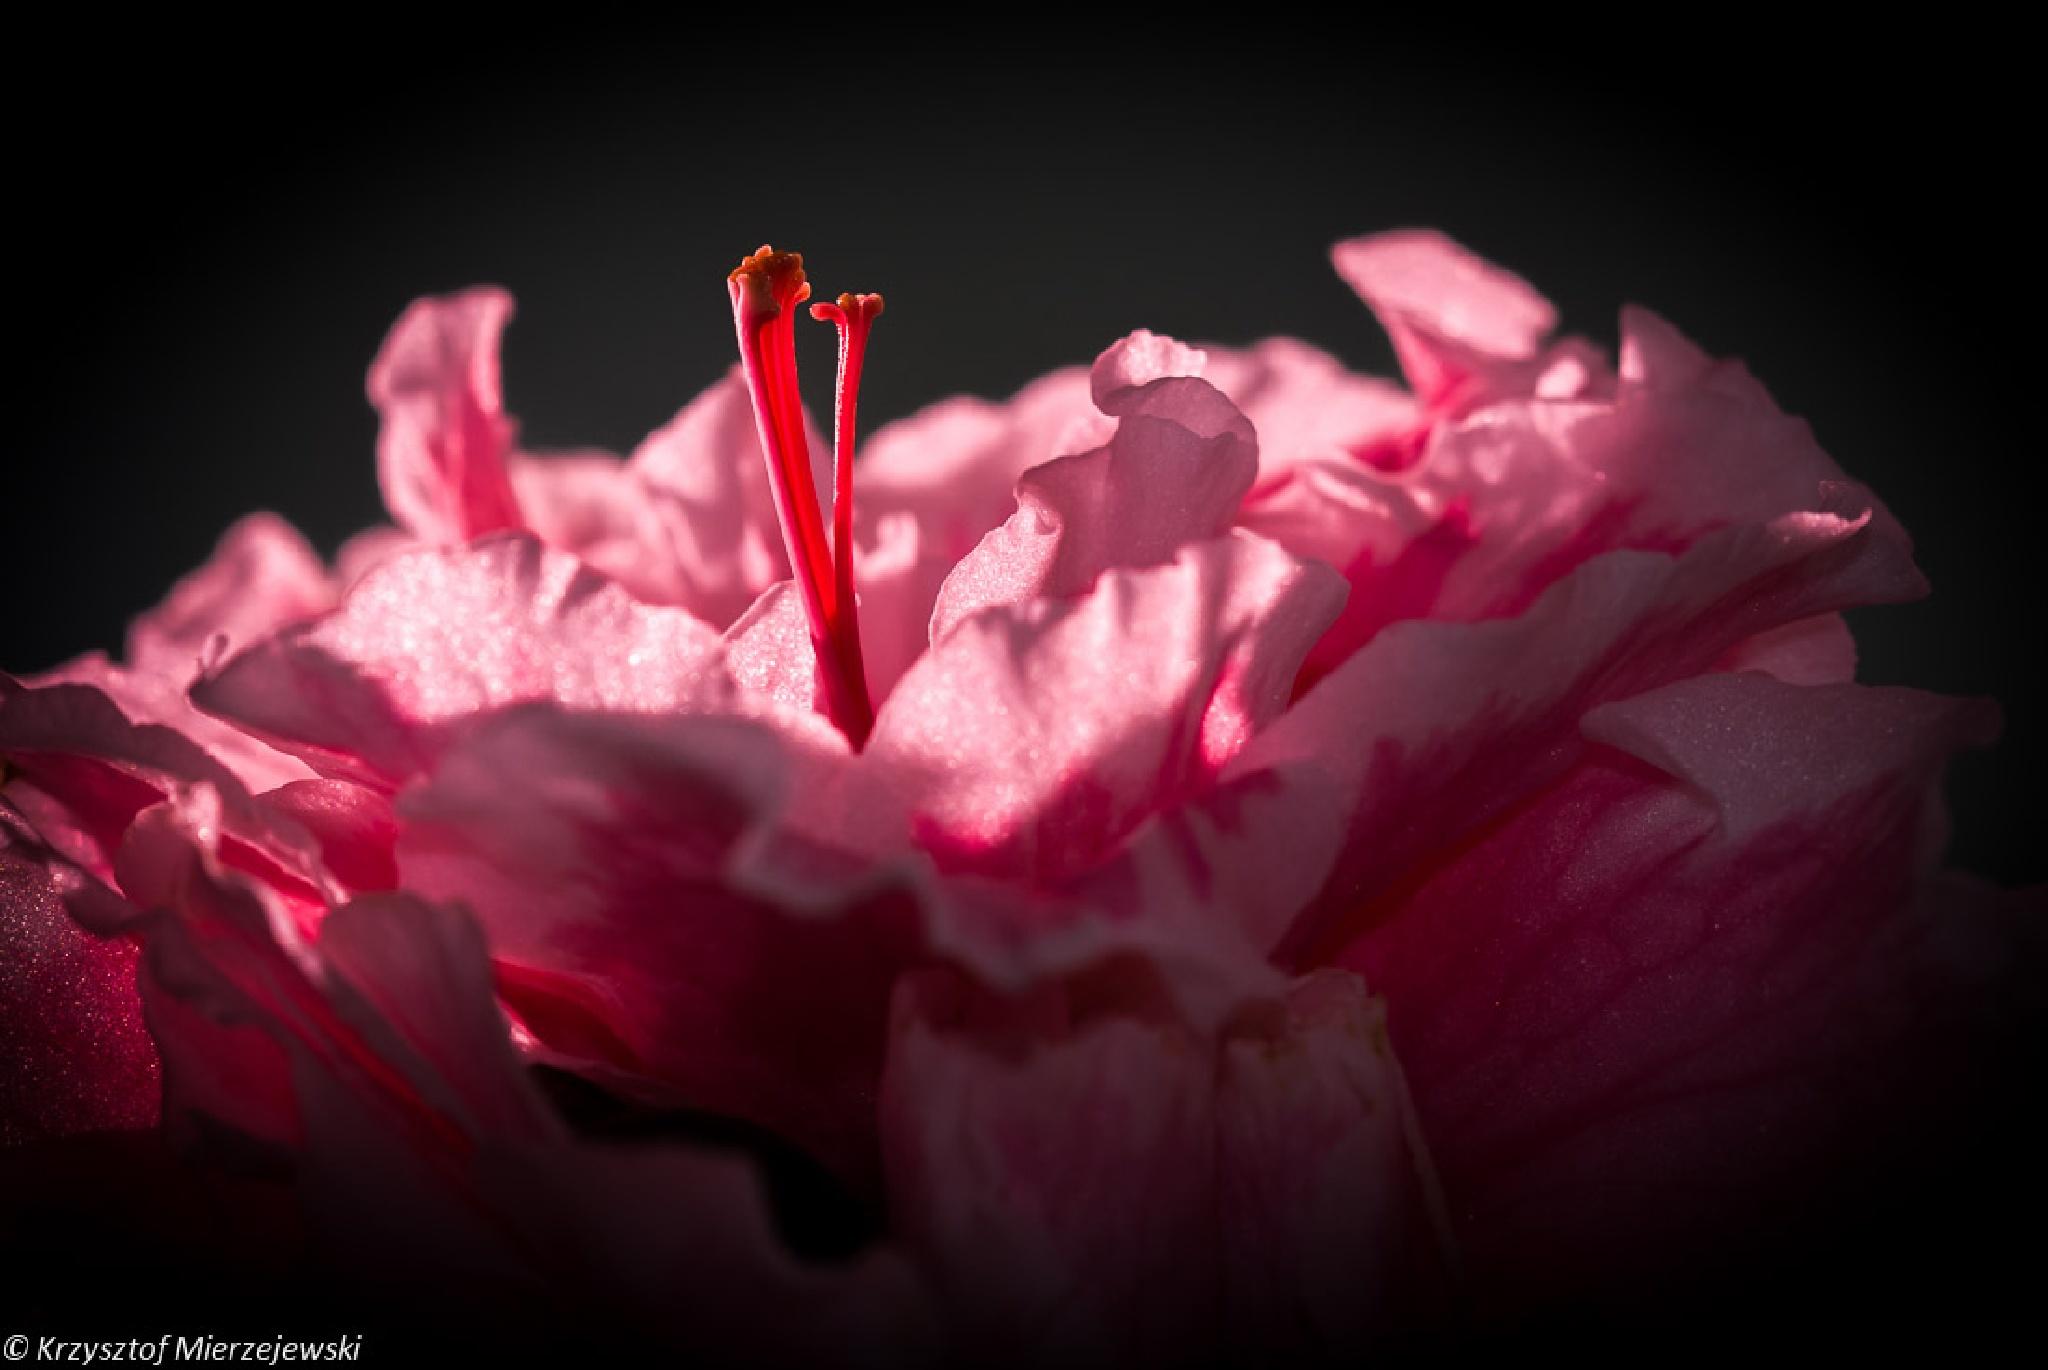 Pink flower by Krzysztof Mierzejewski